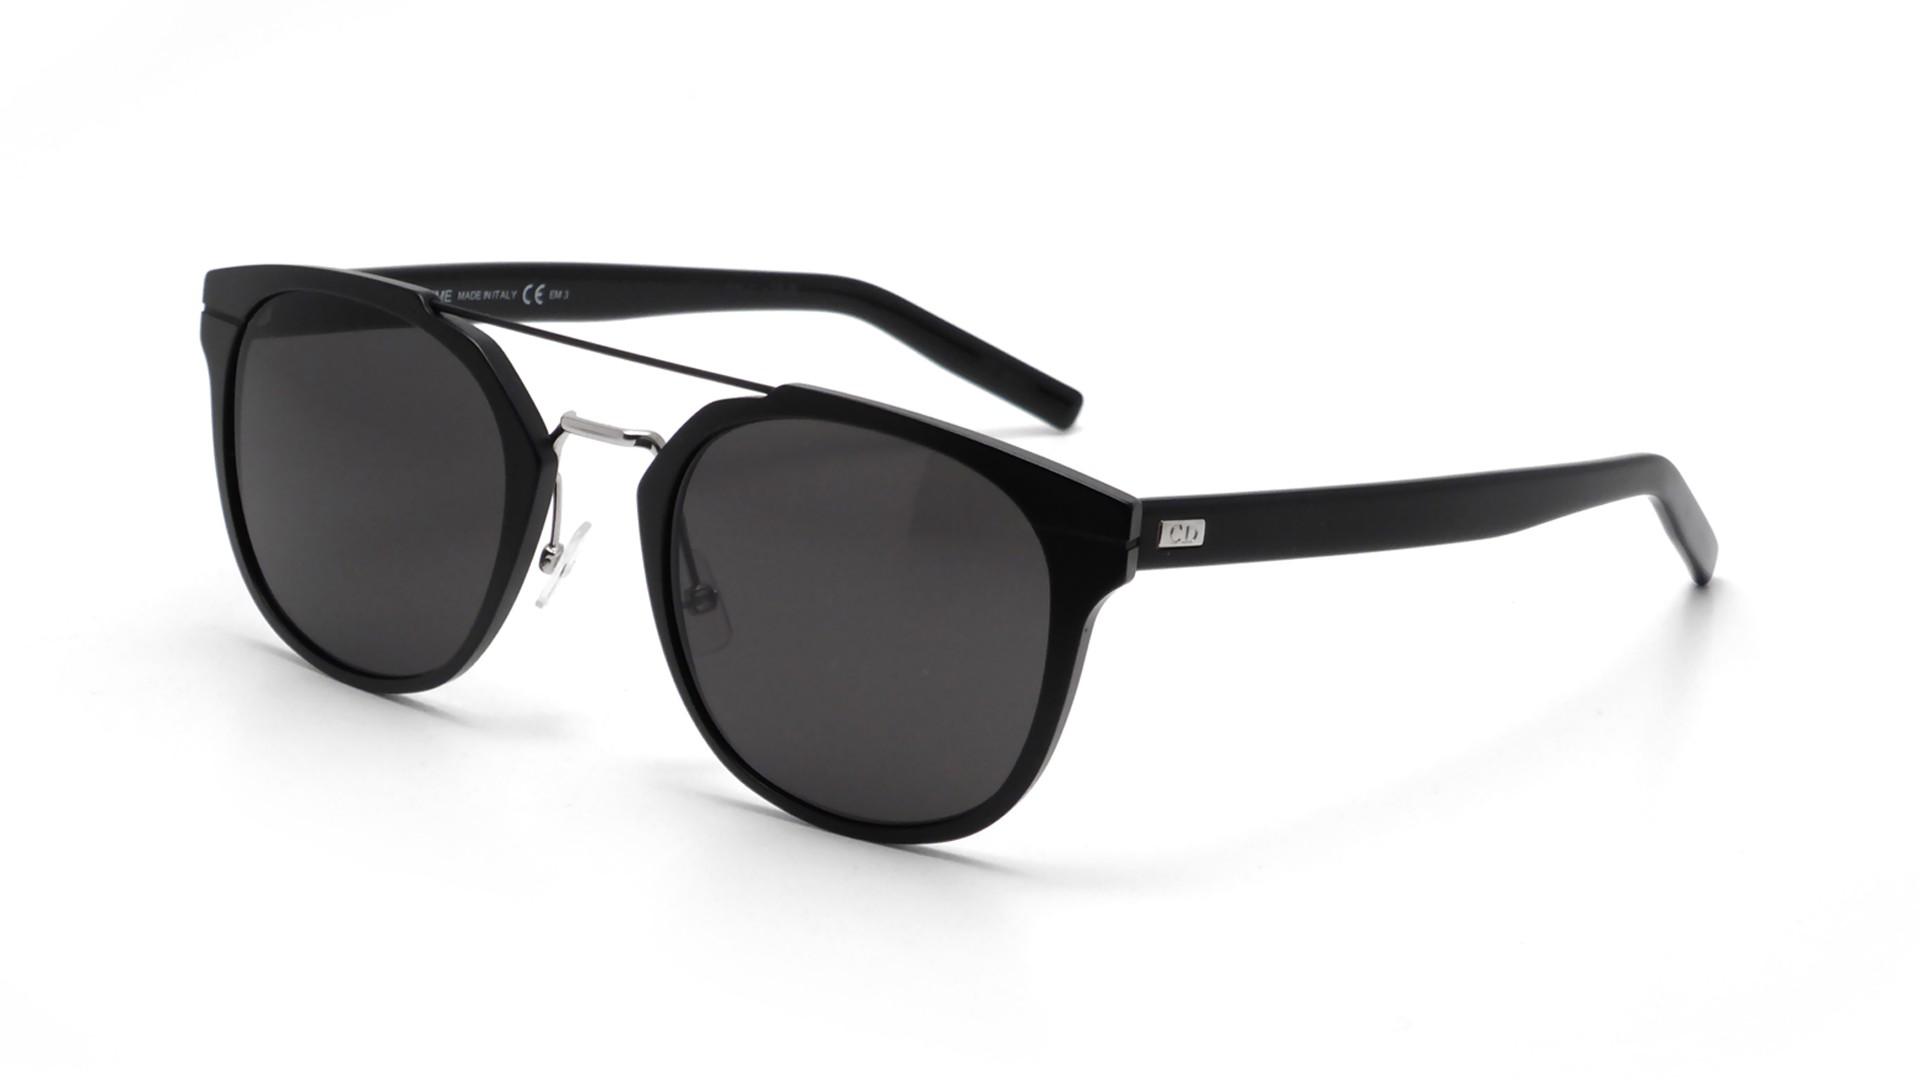 53856f99aa6 Sunglasses Dior AL13.5 Black GQX Y1 52-23 Medium